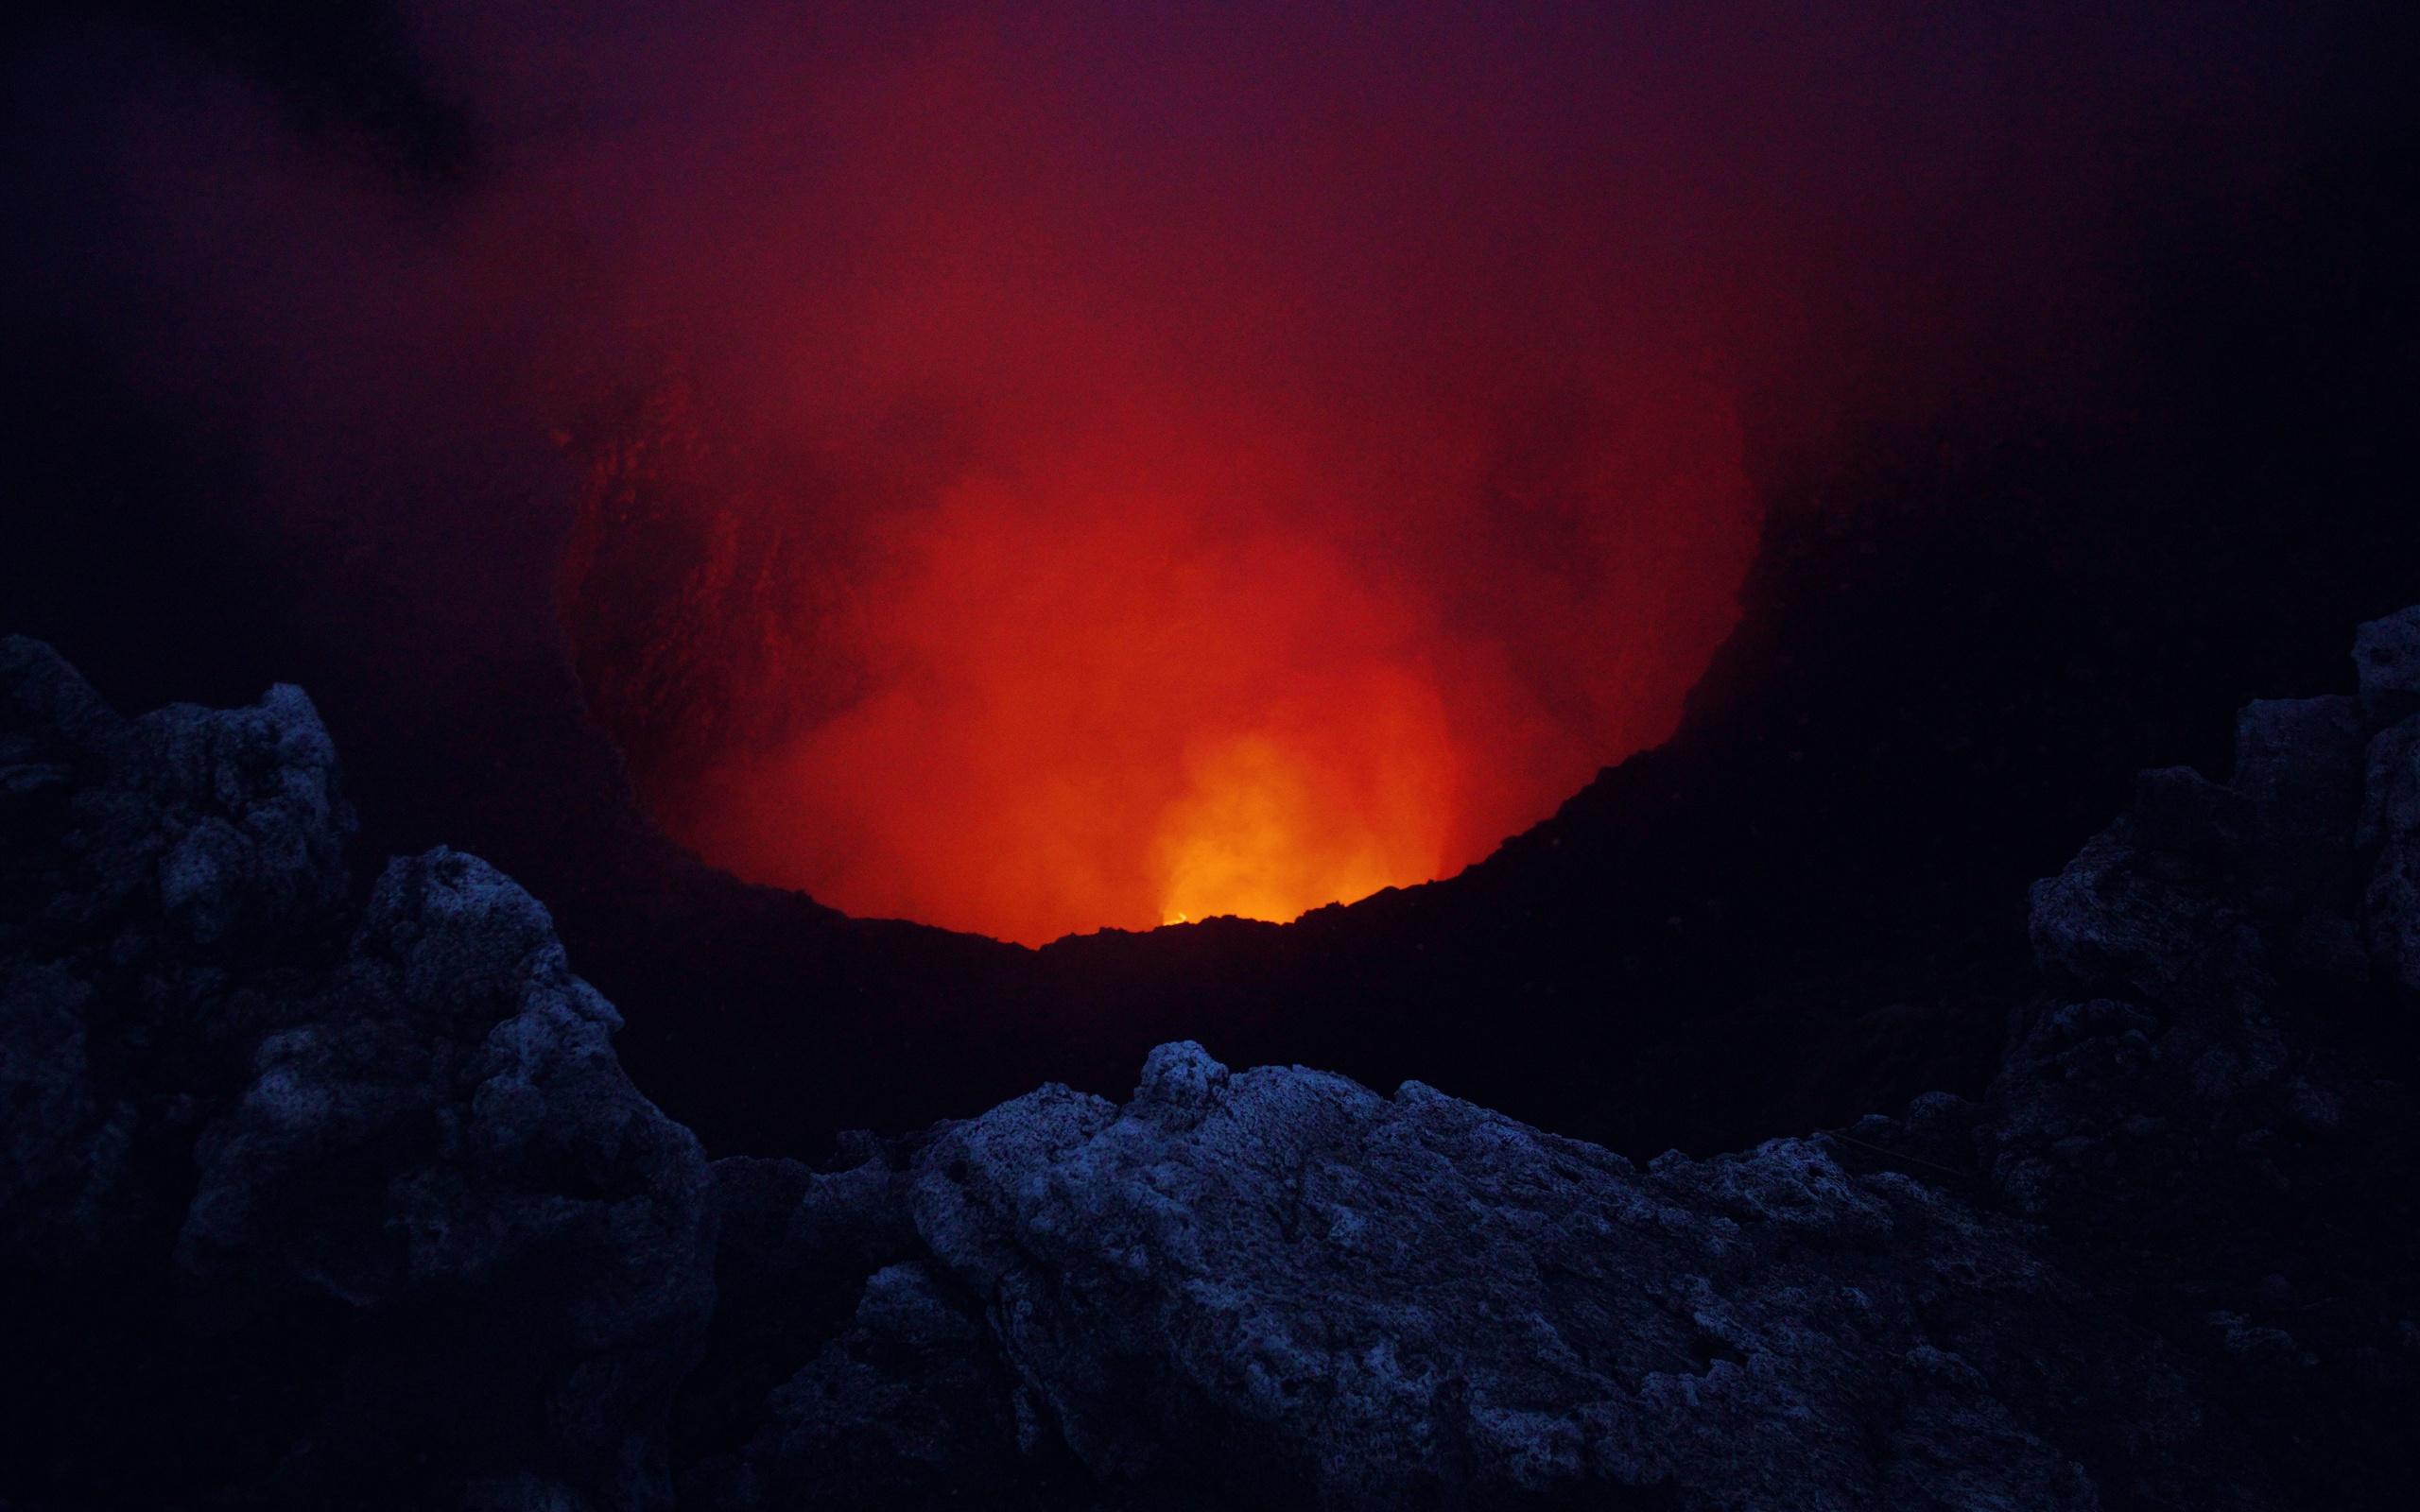 Fondos De Pantalla De Lava: Nicaragua, Volcán Masaya, Lava Fondos De Pantalla